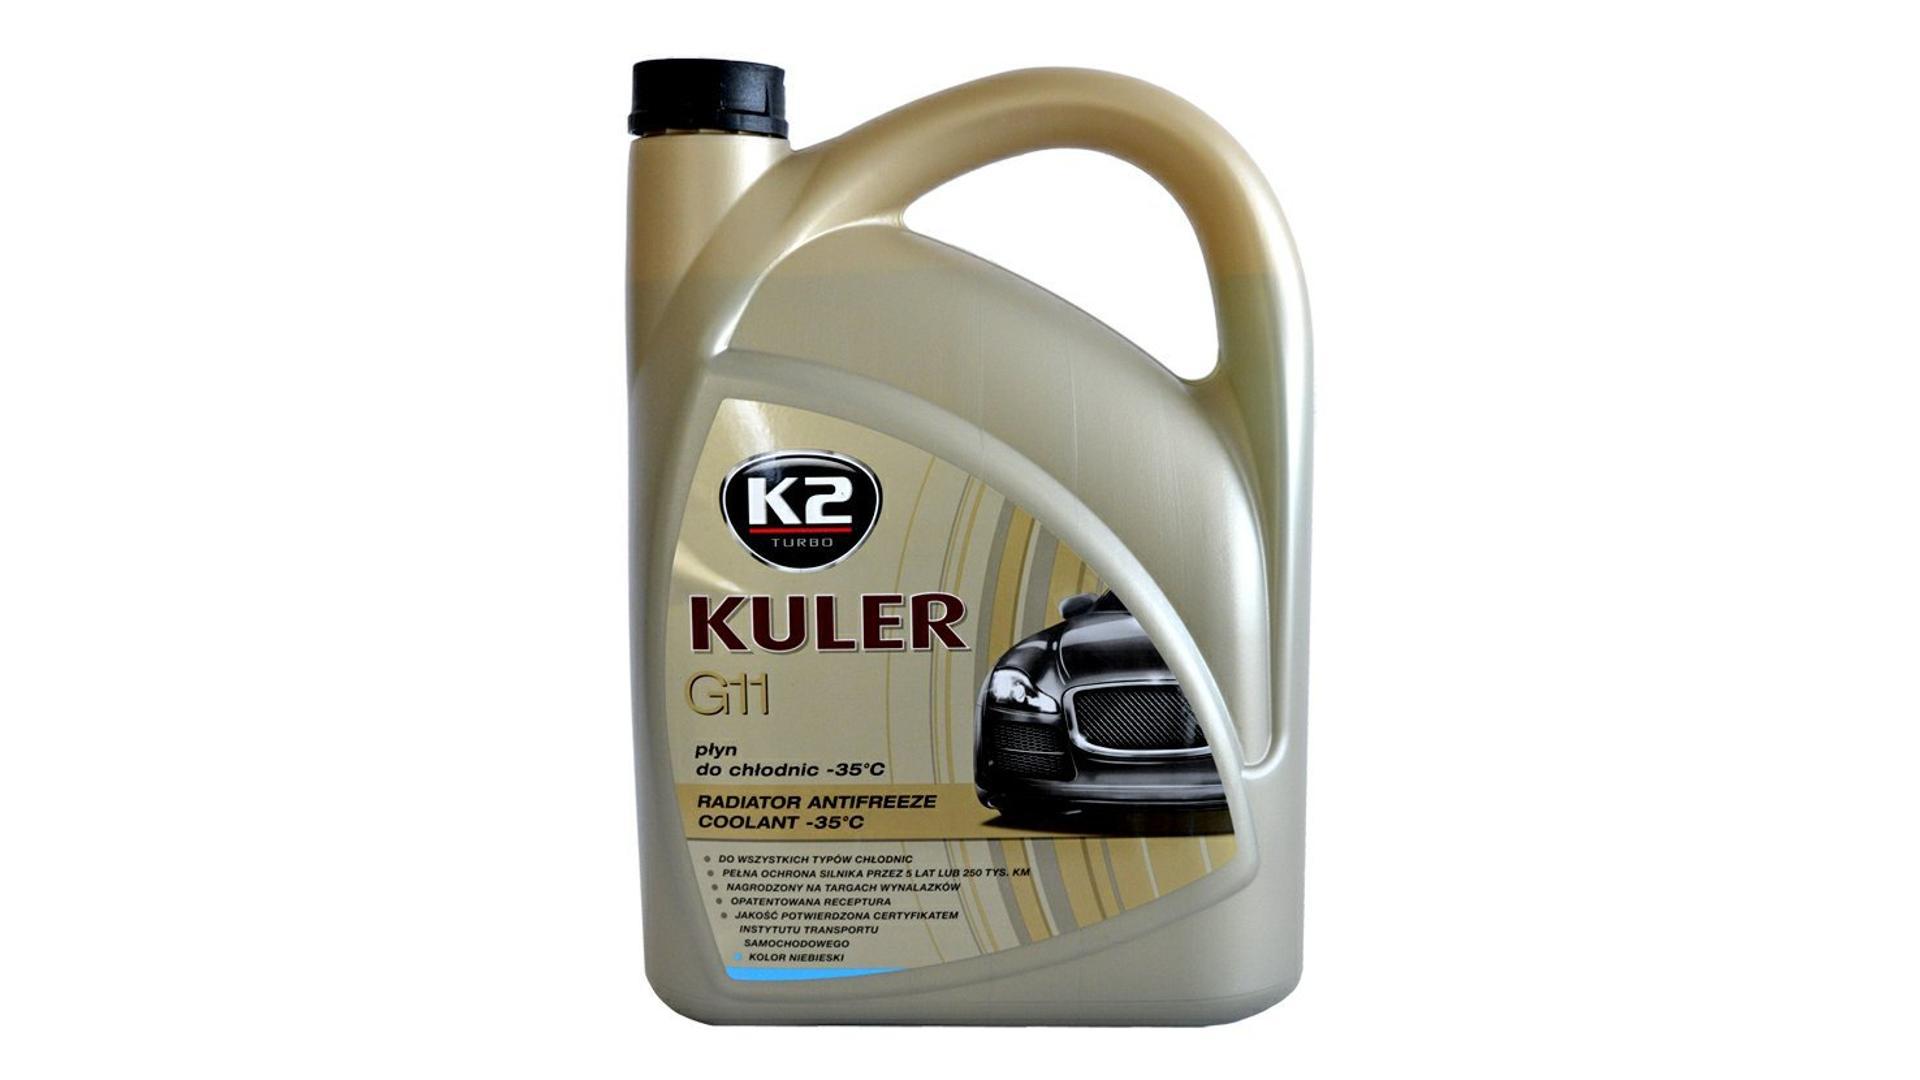 K2 KULER G11 MODRÁ 5l - nemrznoucí kapalina do chladiče do -35 °C